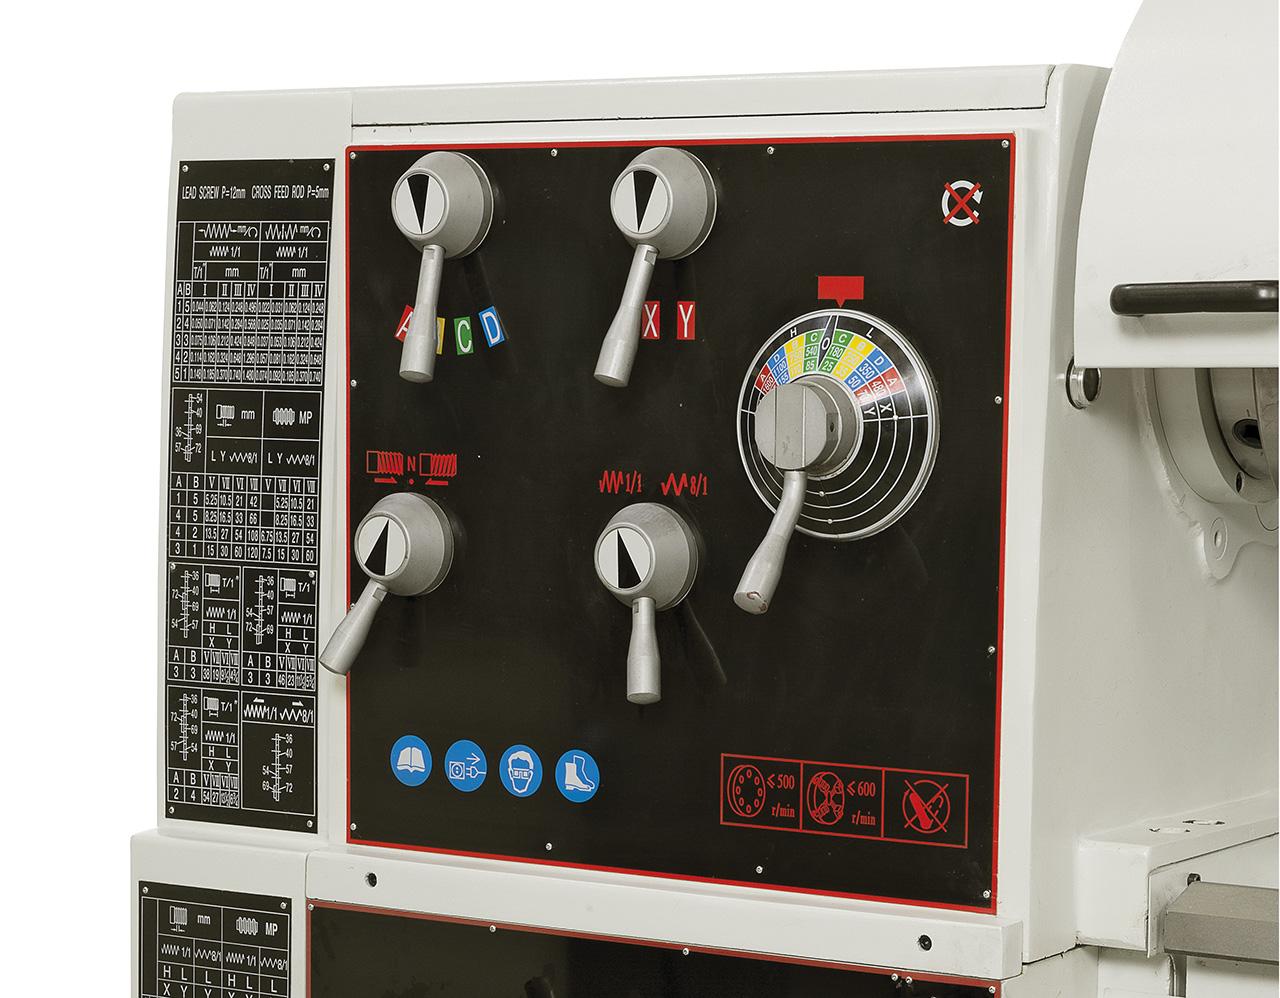 Einfache Bedienung, alle Schalt- und Bedienelemente übersichtlich am Getriebekopf angebracht.